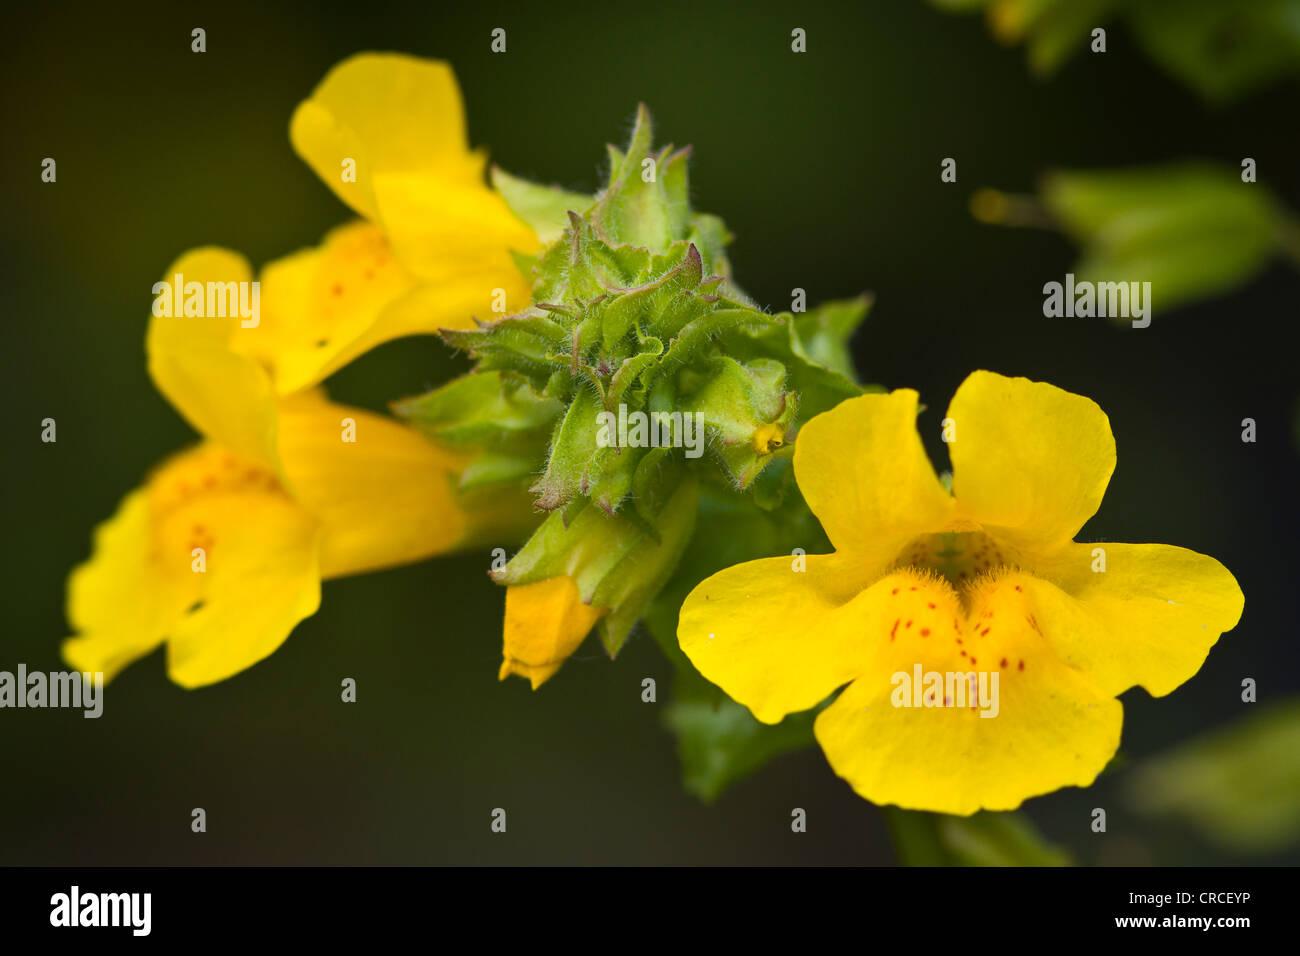 Mimulus Jaune Cote Etang Prolifique Plante Avec Des Fleurs Jaune Et